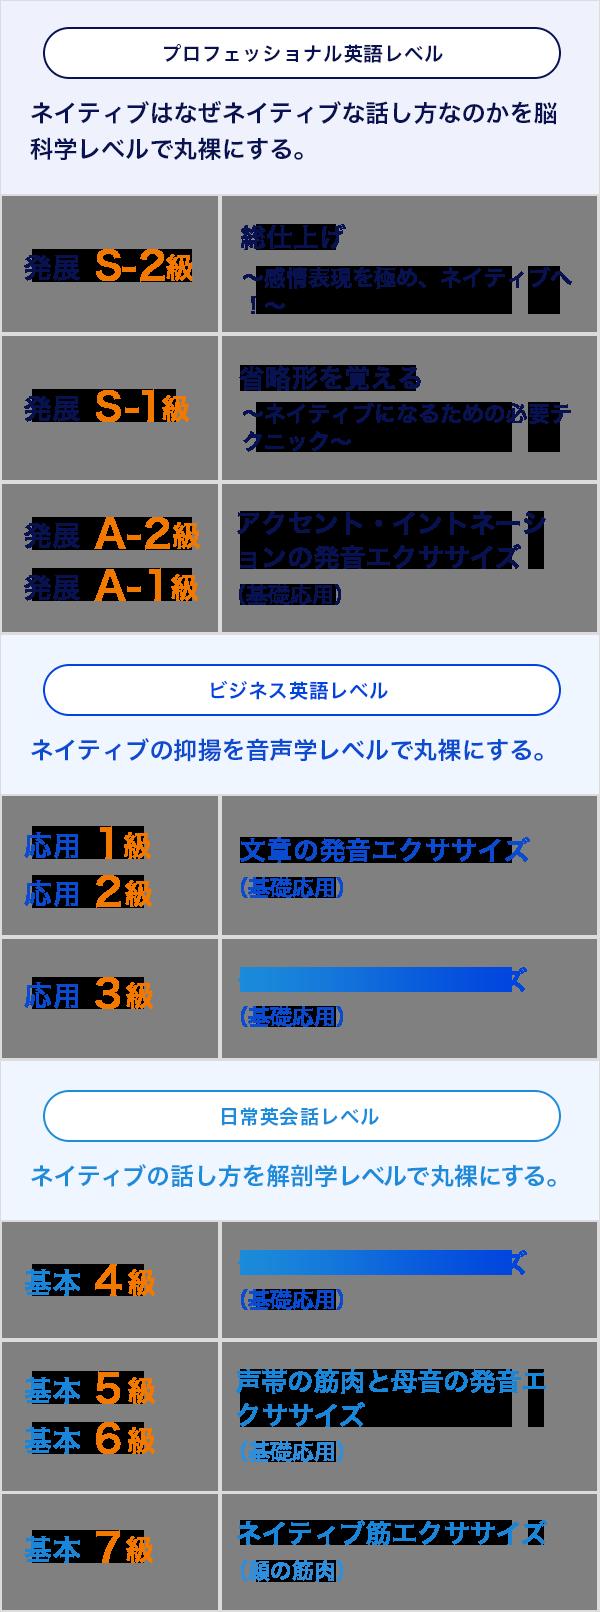 11段階のカリキュラム図